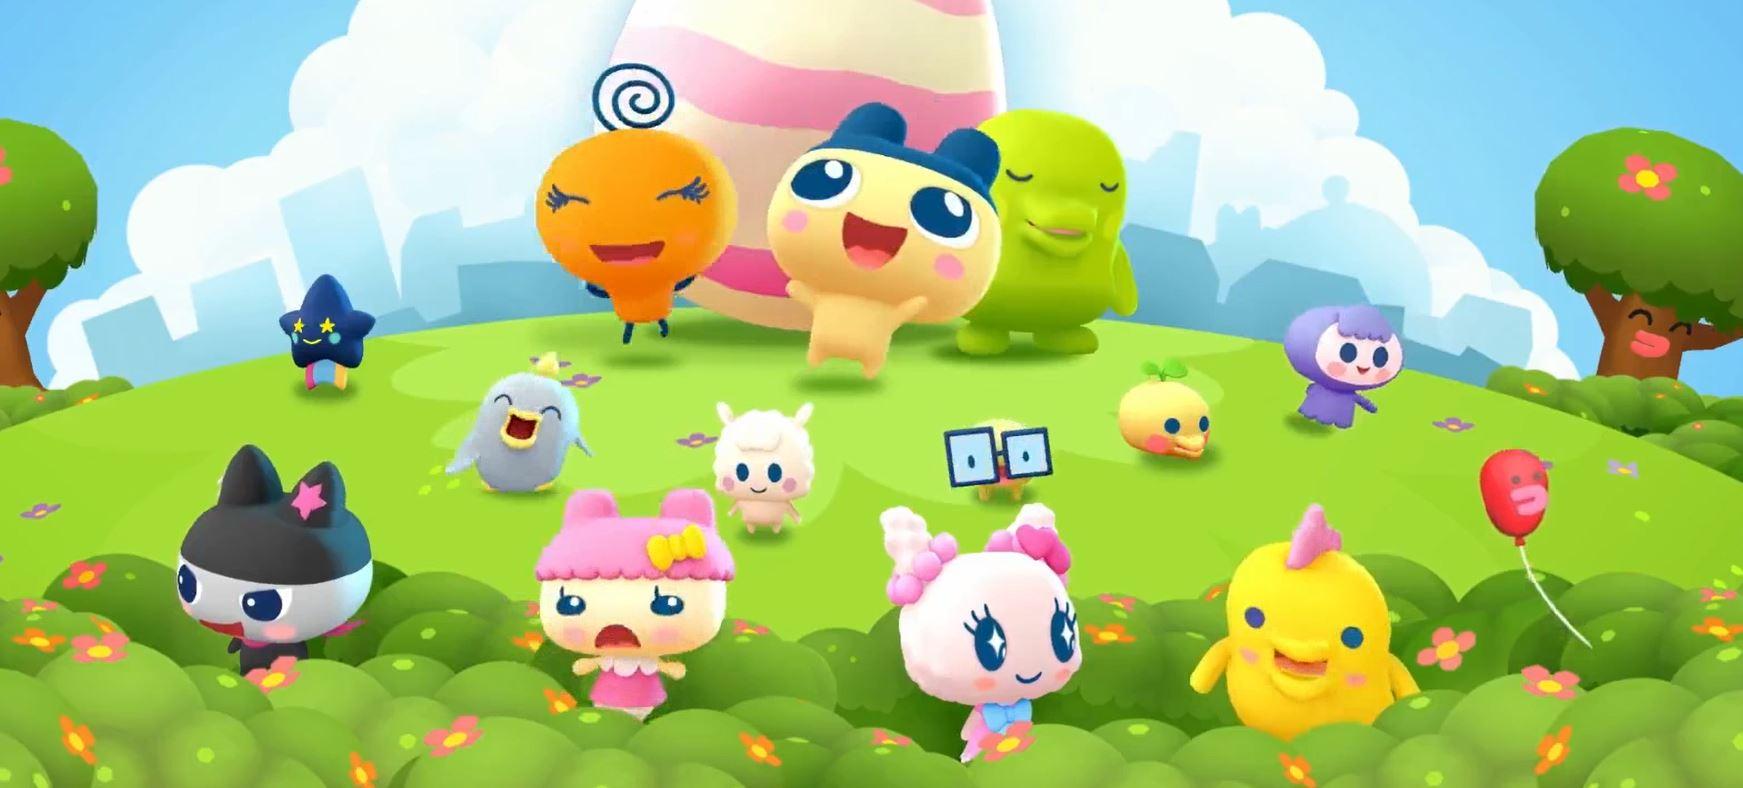 My Tamagotchi Forever amenaza con volver a revivir la fiebre por estas mascotas virtuales en iOS y Android 1